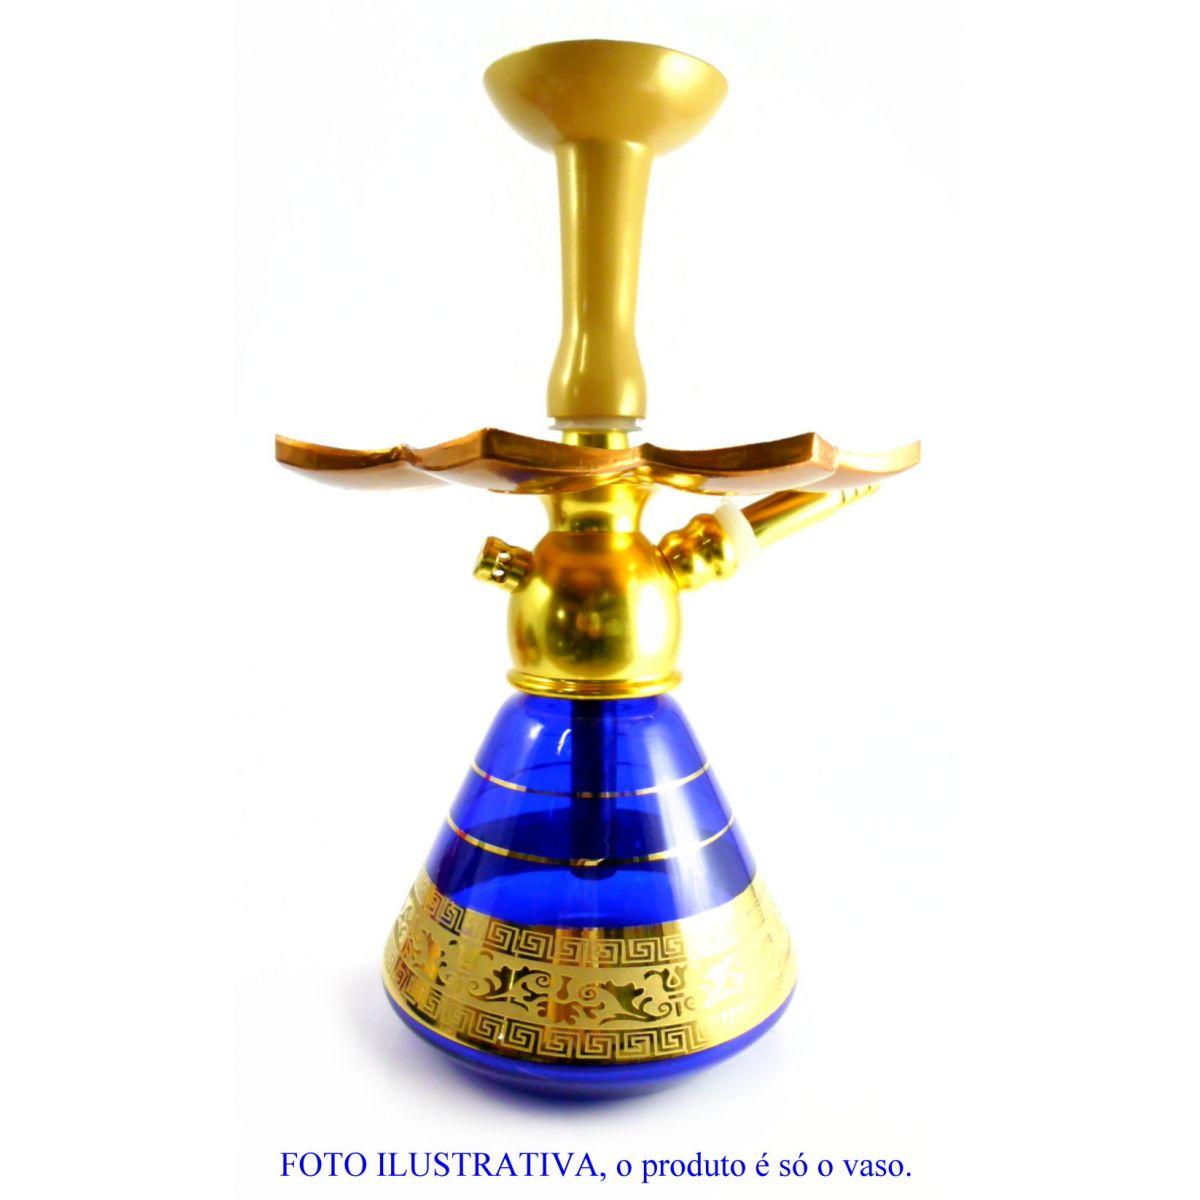 Vaso/base para narguile Kimo (15cm) piramidal, com FAIXA GREGA. Encaixe macho (interno).